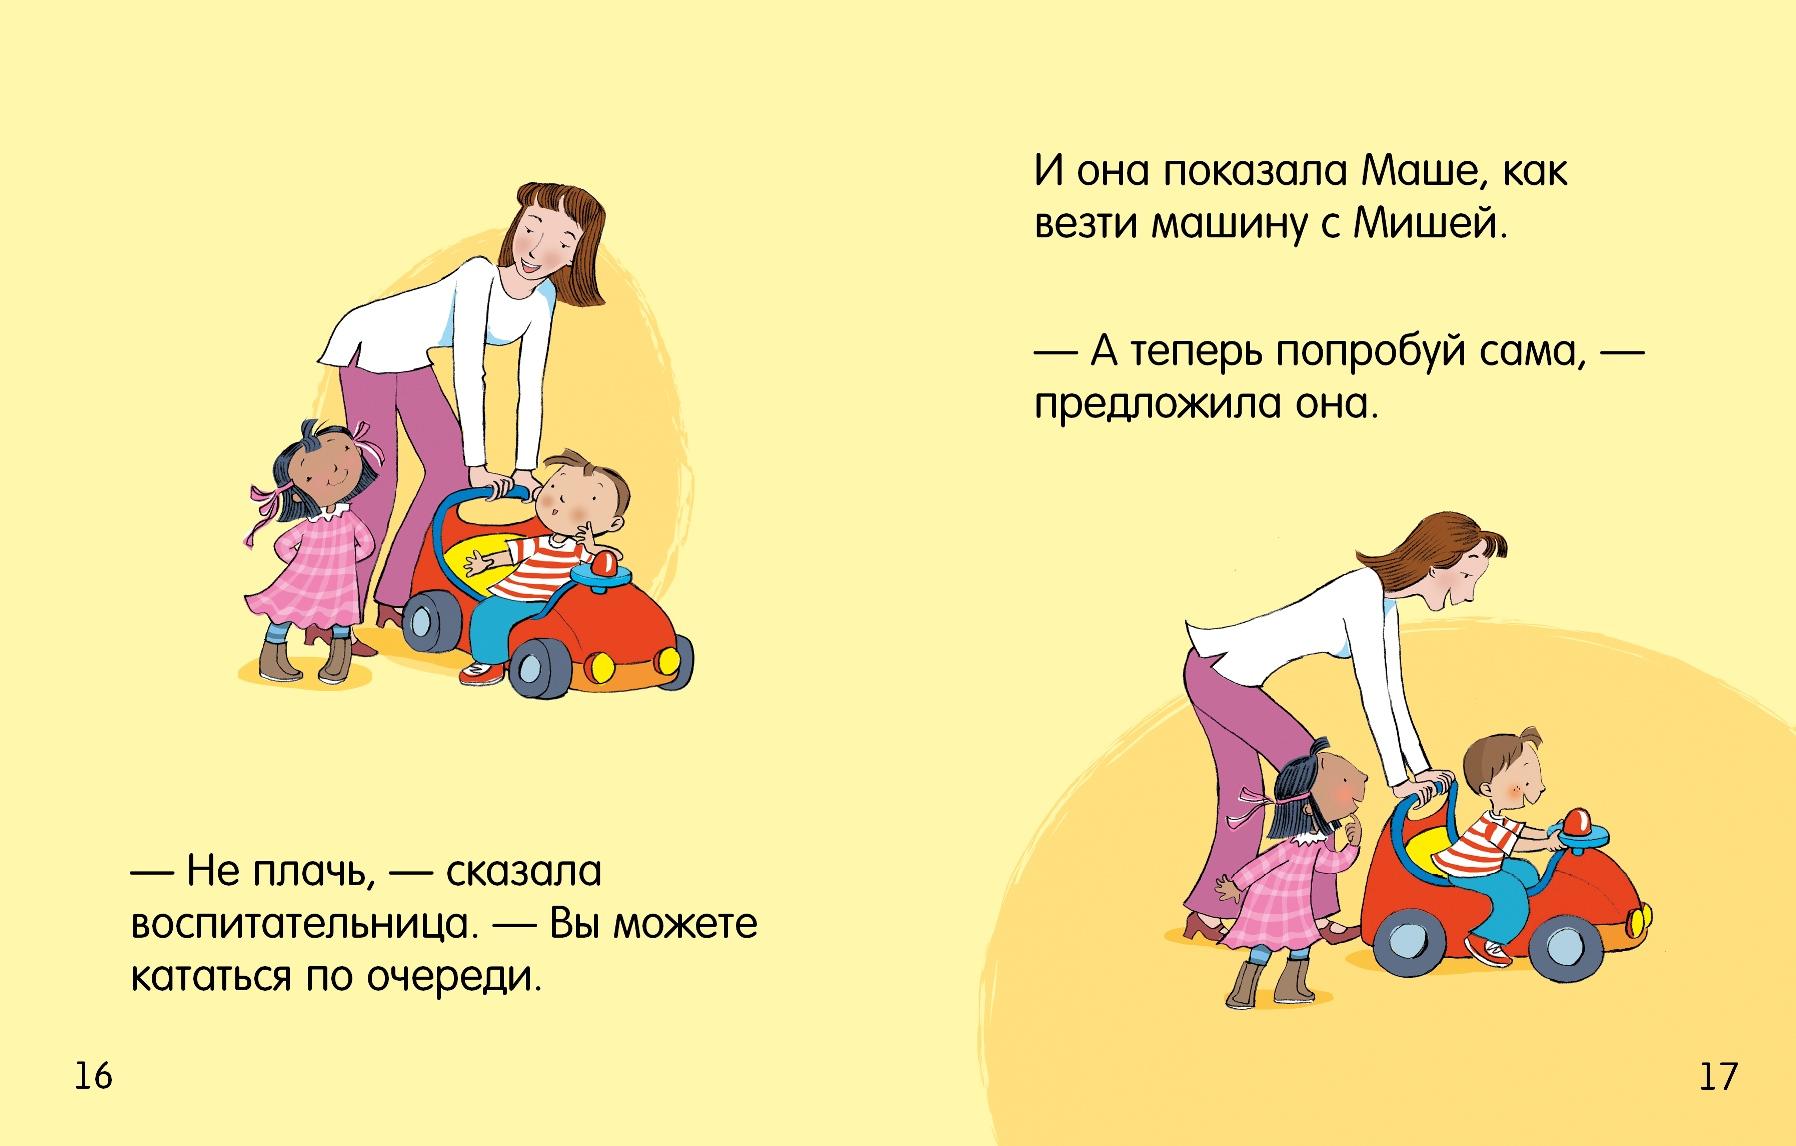 Маша и Миша. Катаемся по очереди